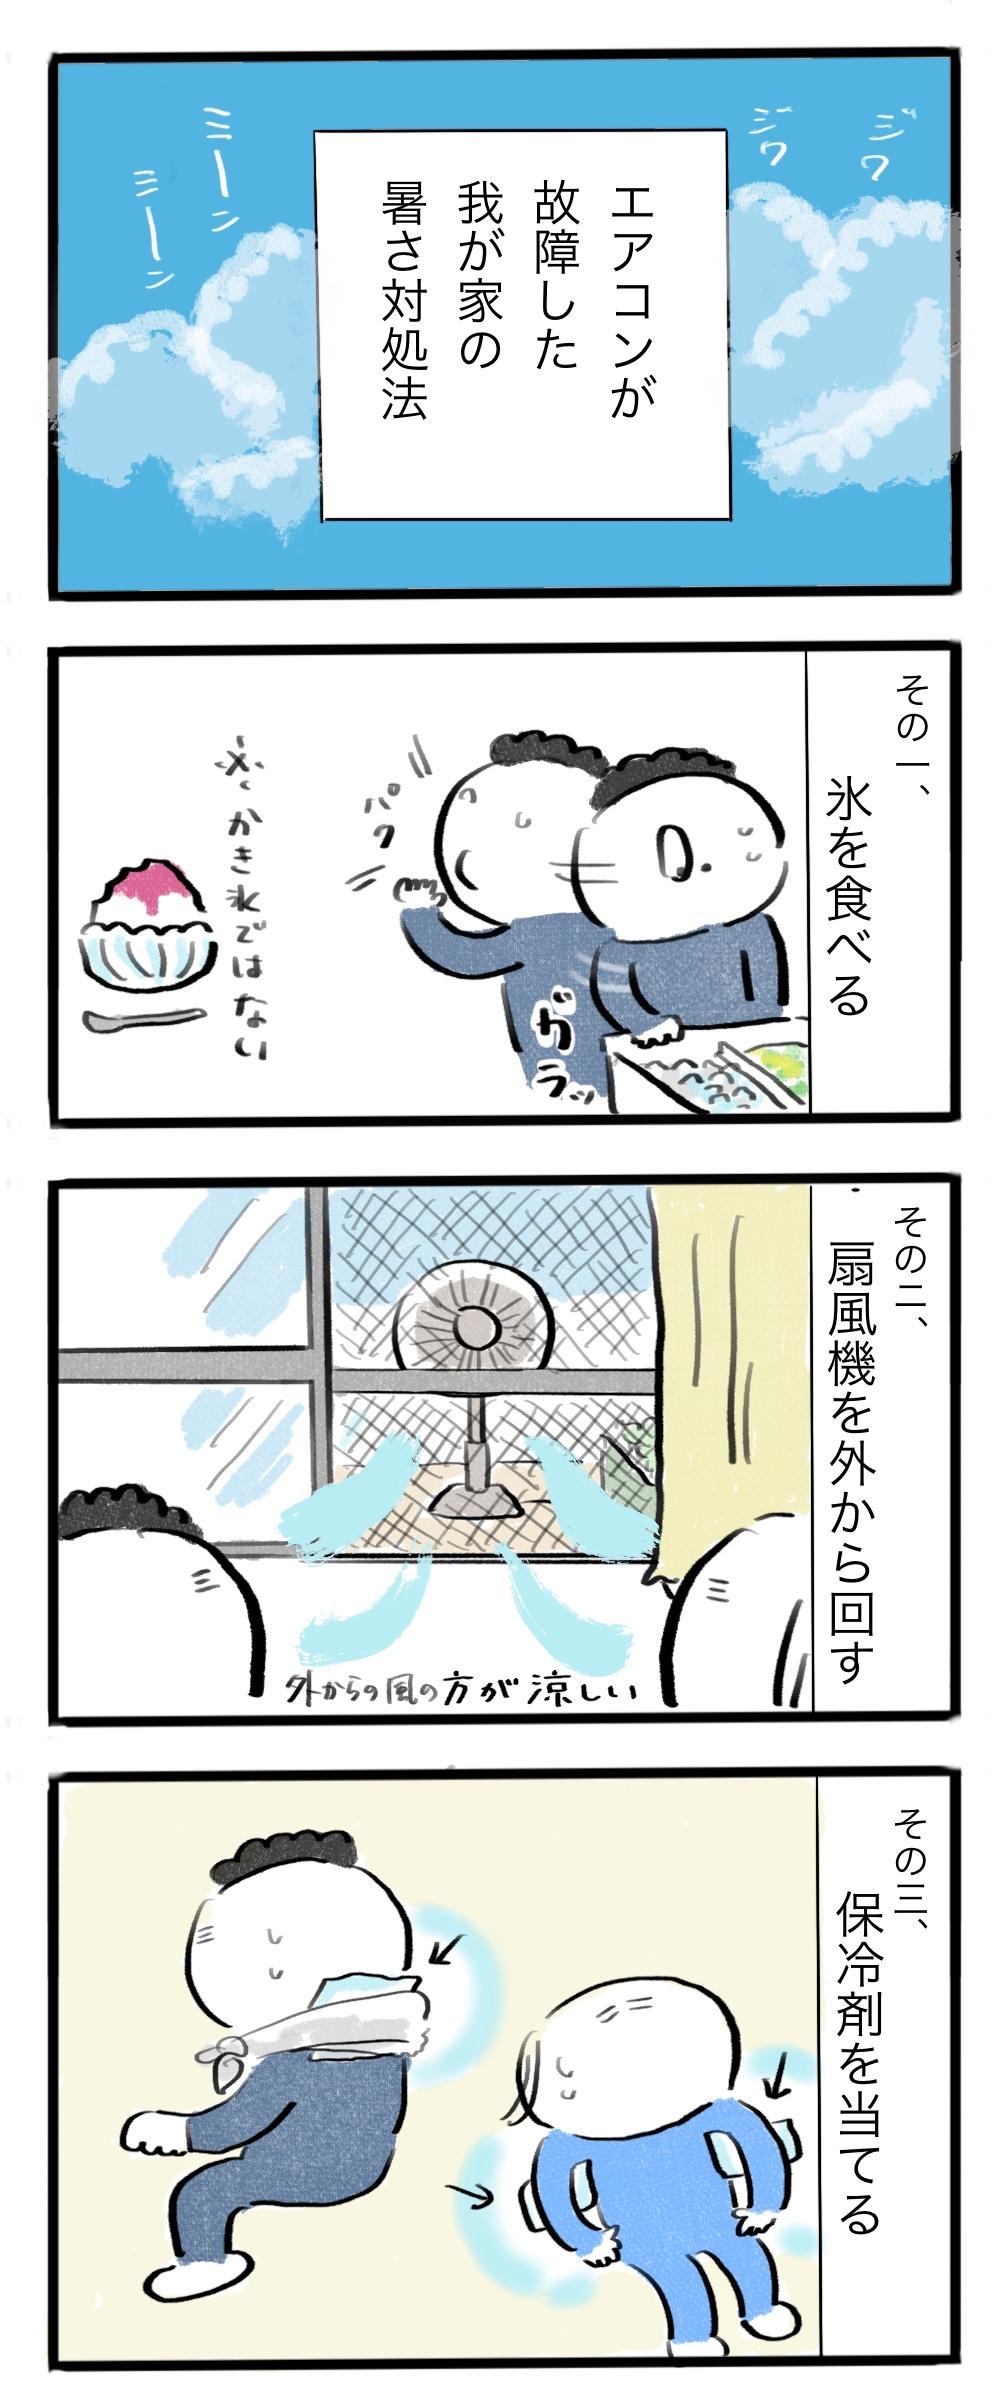 エアコン故障中の我が家の暑さ対処法をご紹介します